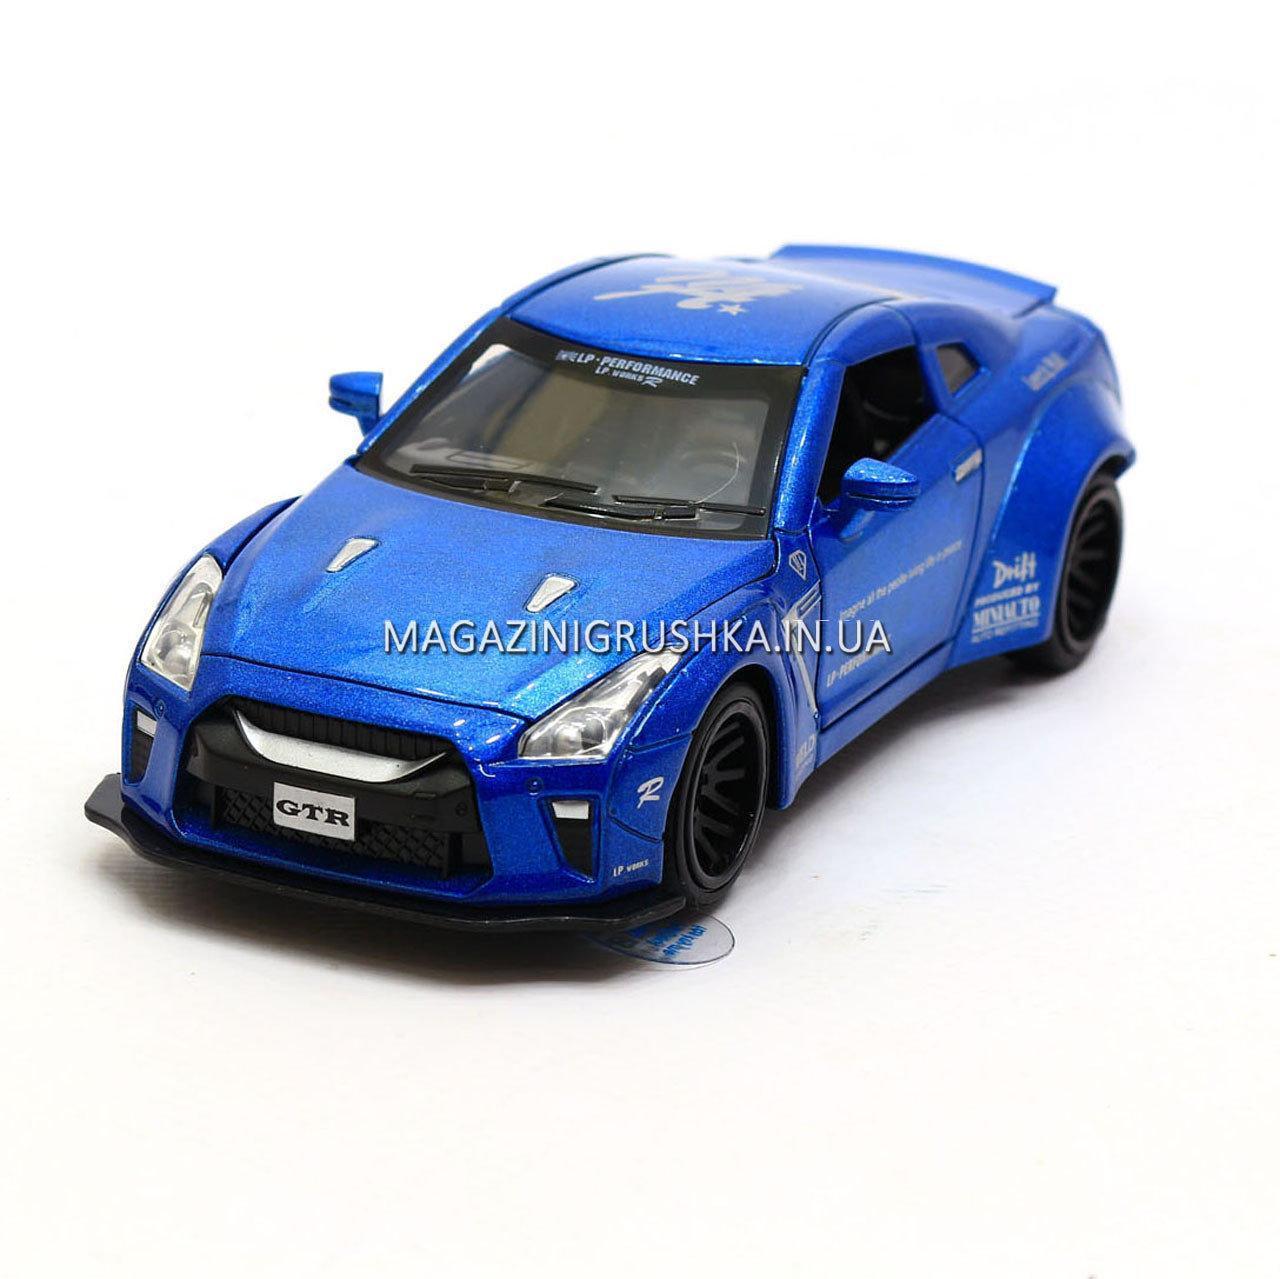 Машинка ігрова автопром «Nissan GTR» Синій 7862